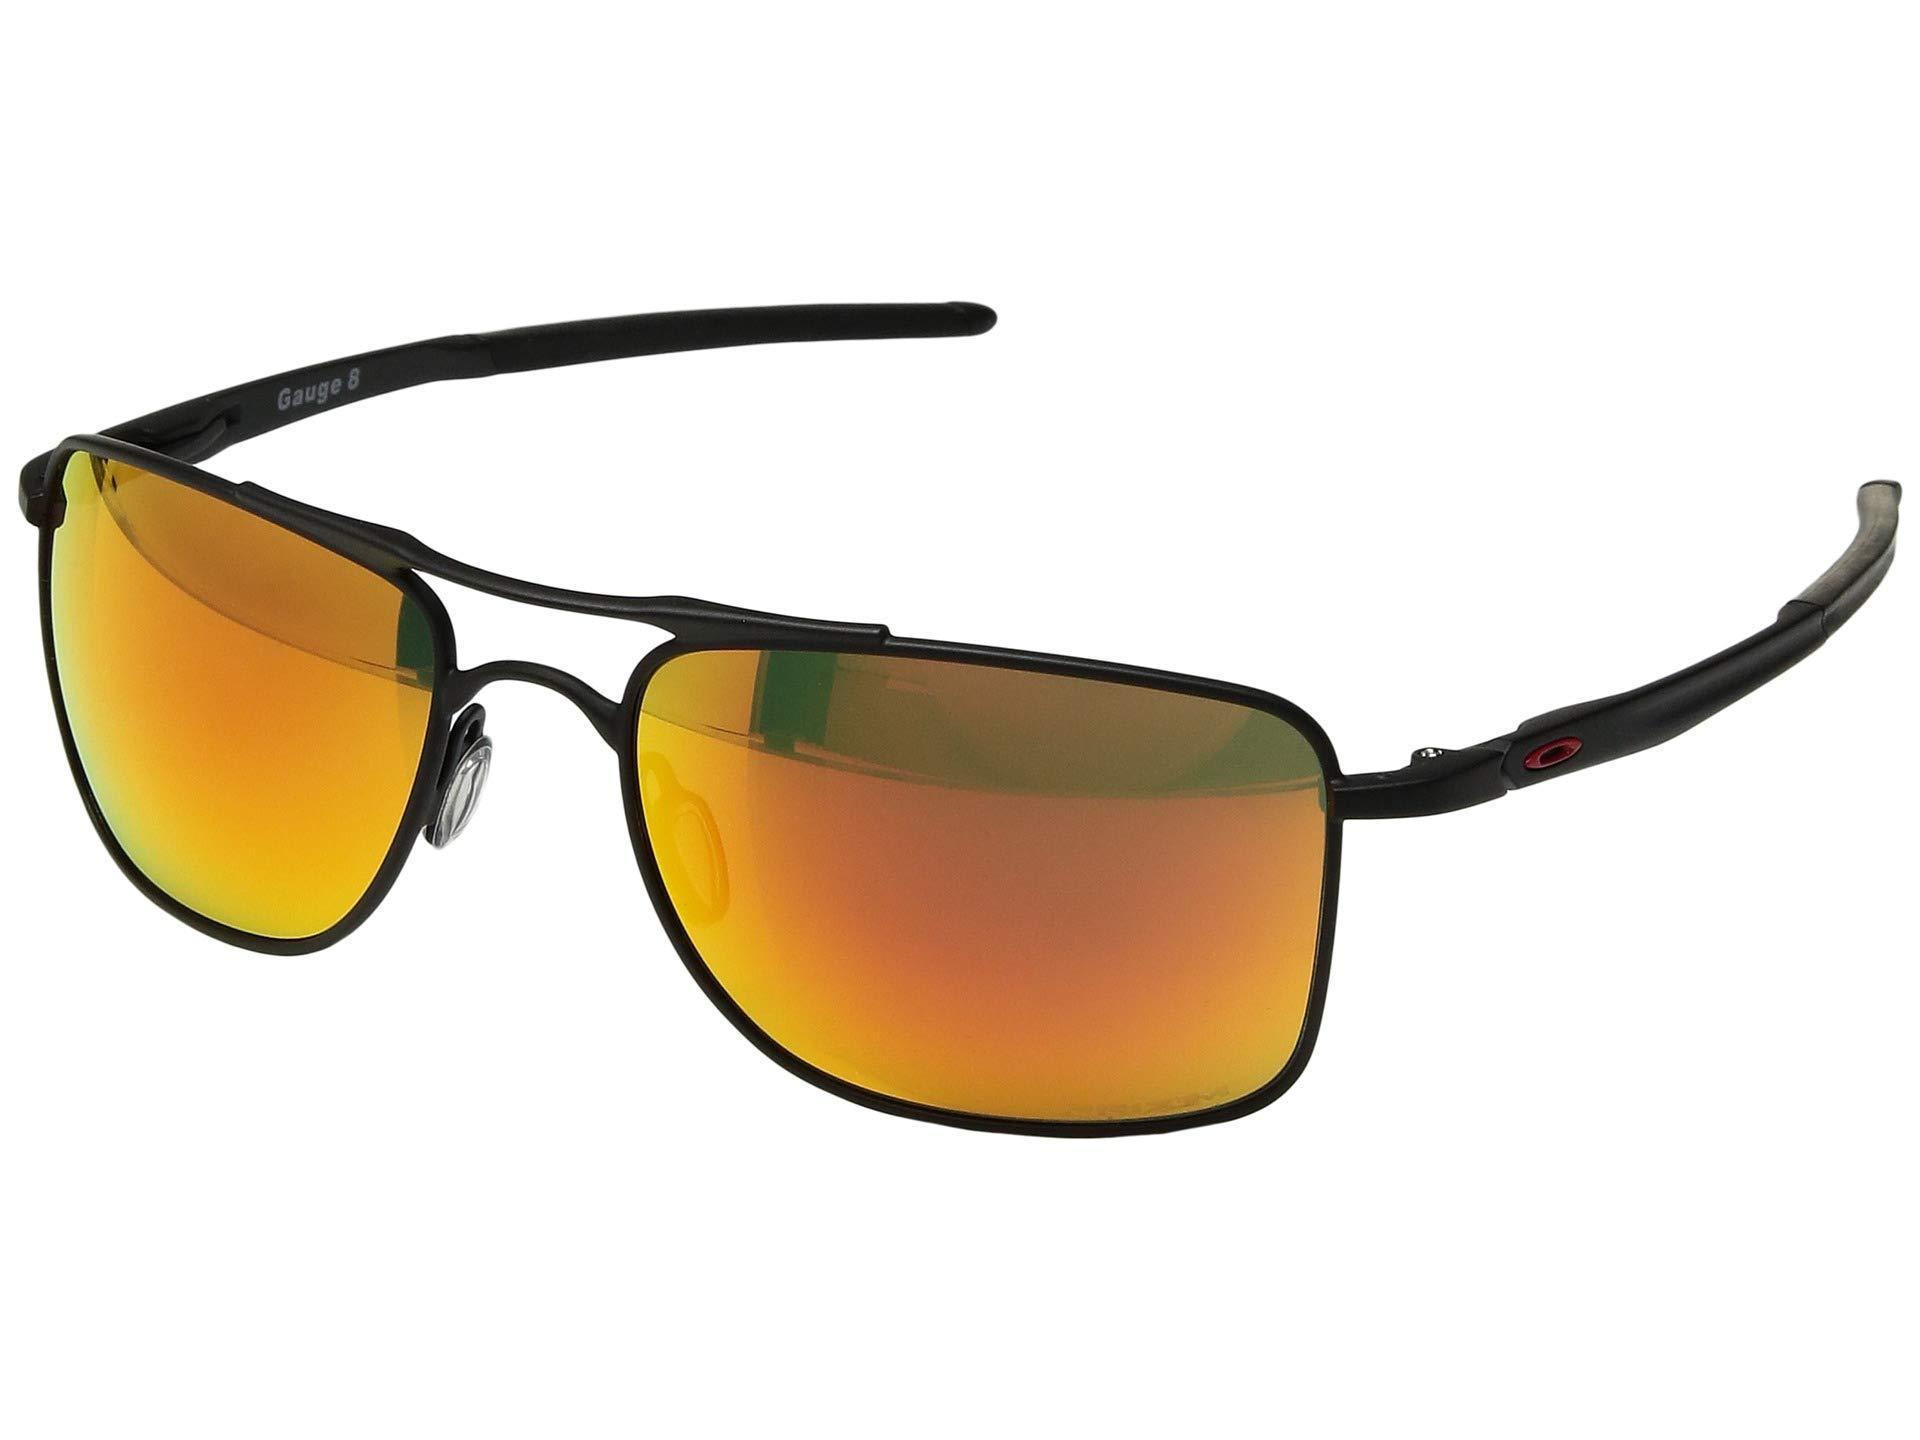 ca595eef31 Lyst - Oakley Gauge 8 (matte Black prizm Ruby) Sport Sunglasses in ...